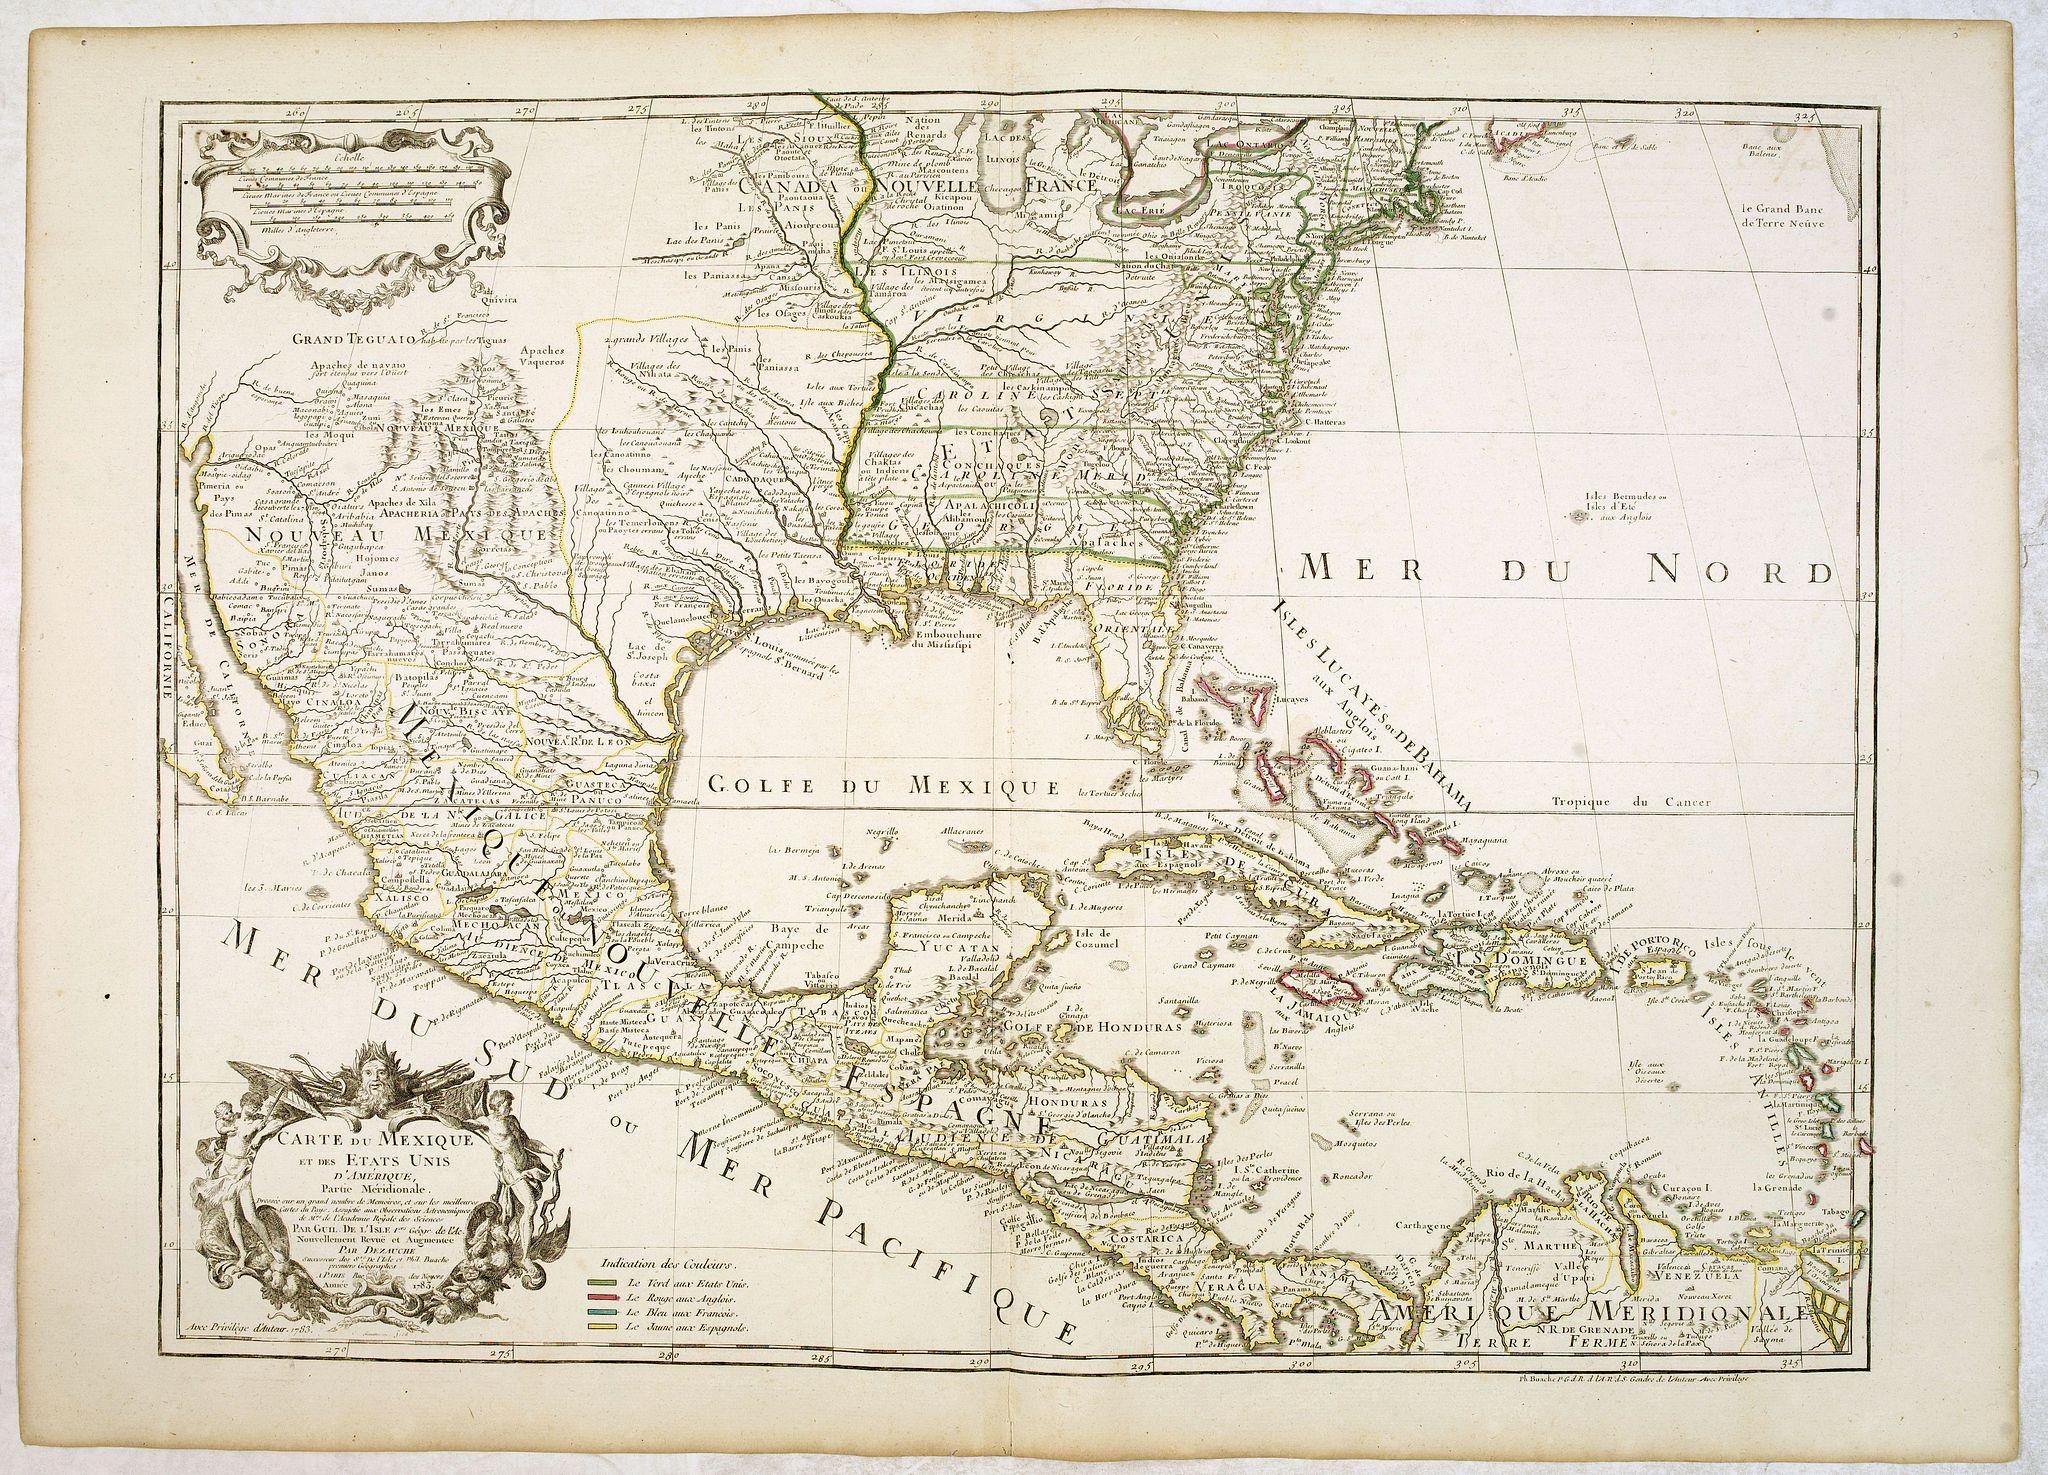 L'ISLE, G. de. / DEZAUCHE. -  Carte du Mexique et des Etats Unis d'Amérique…